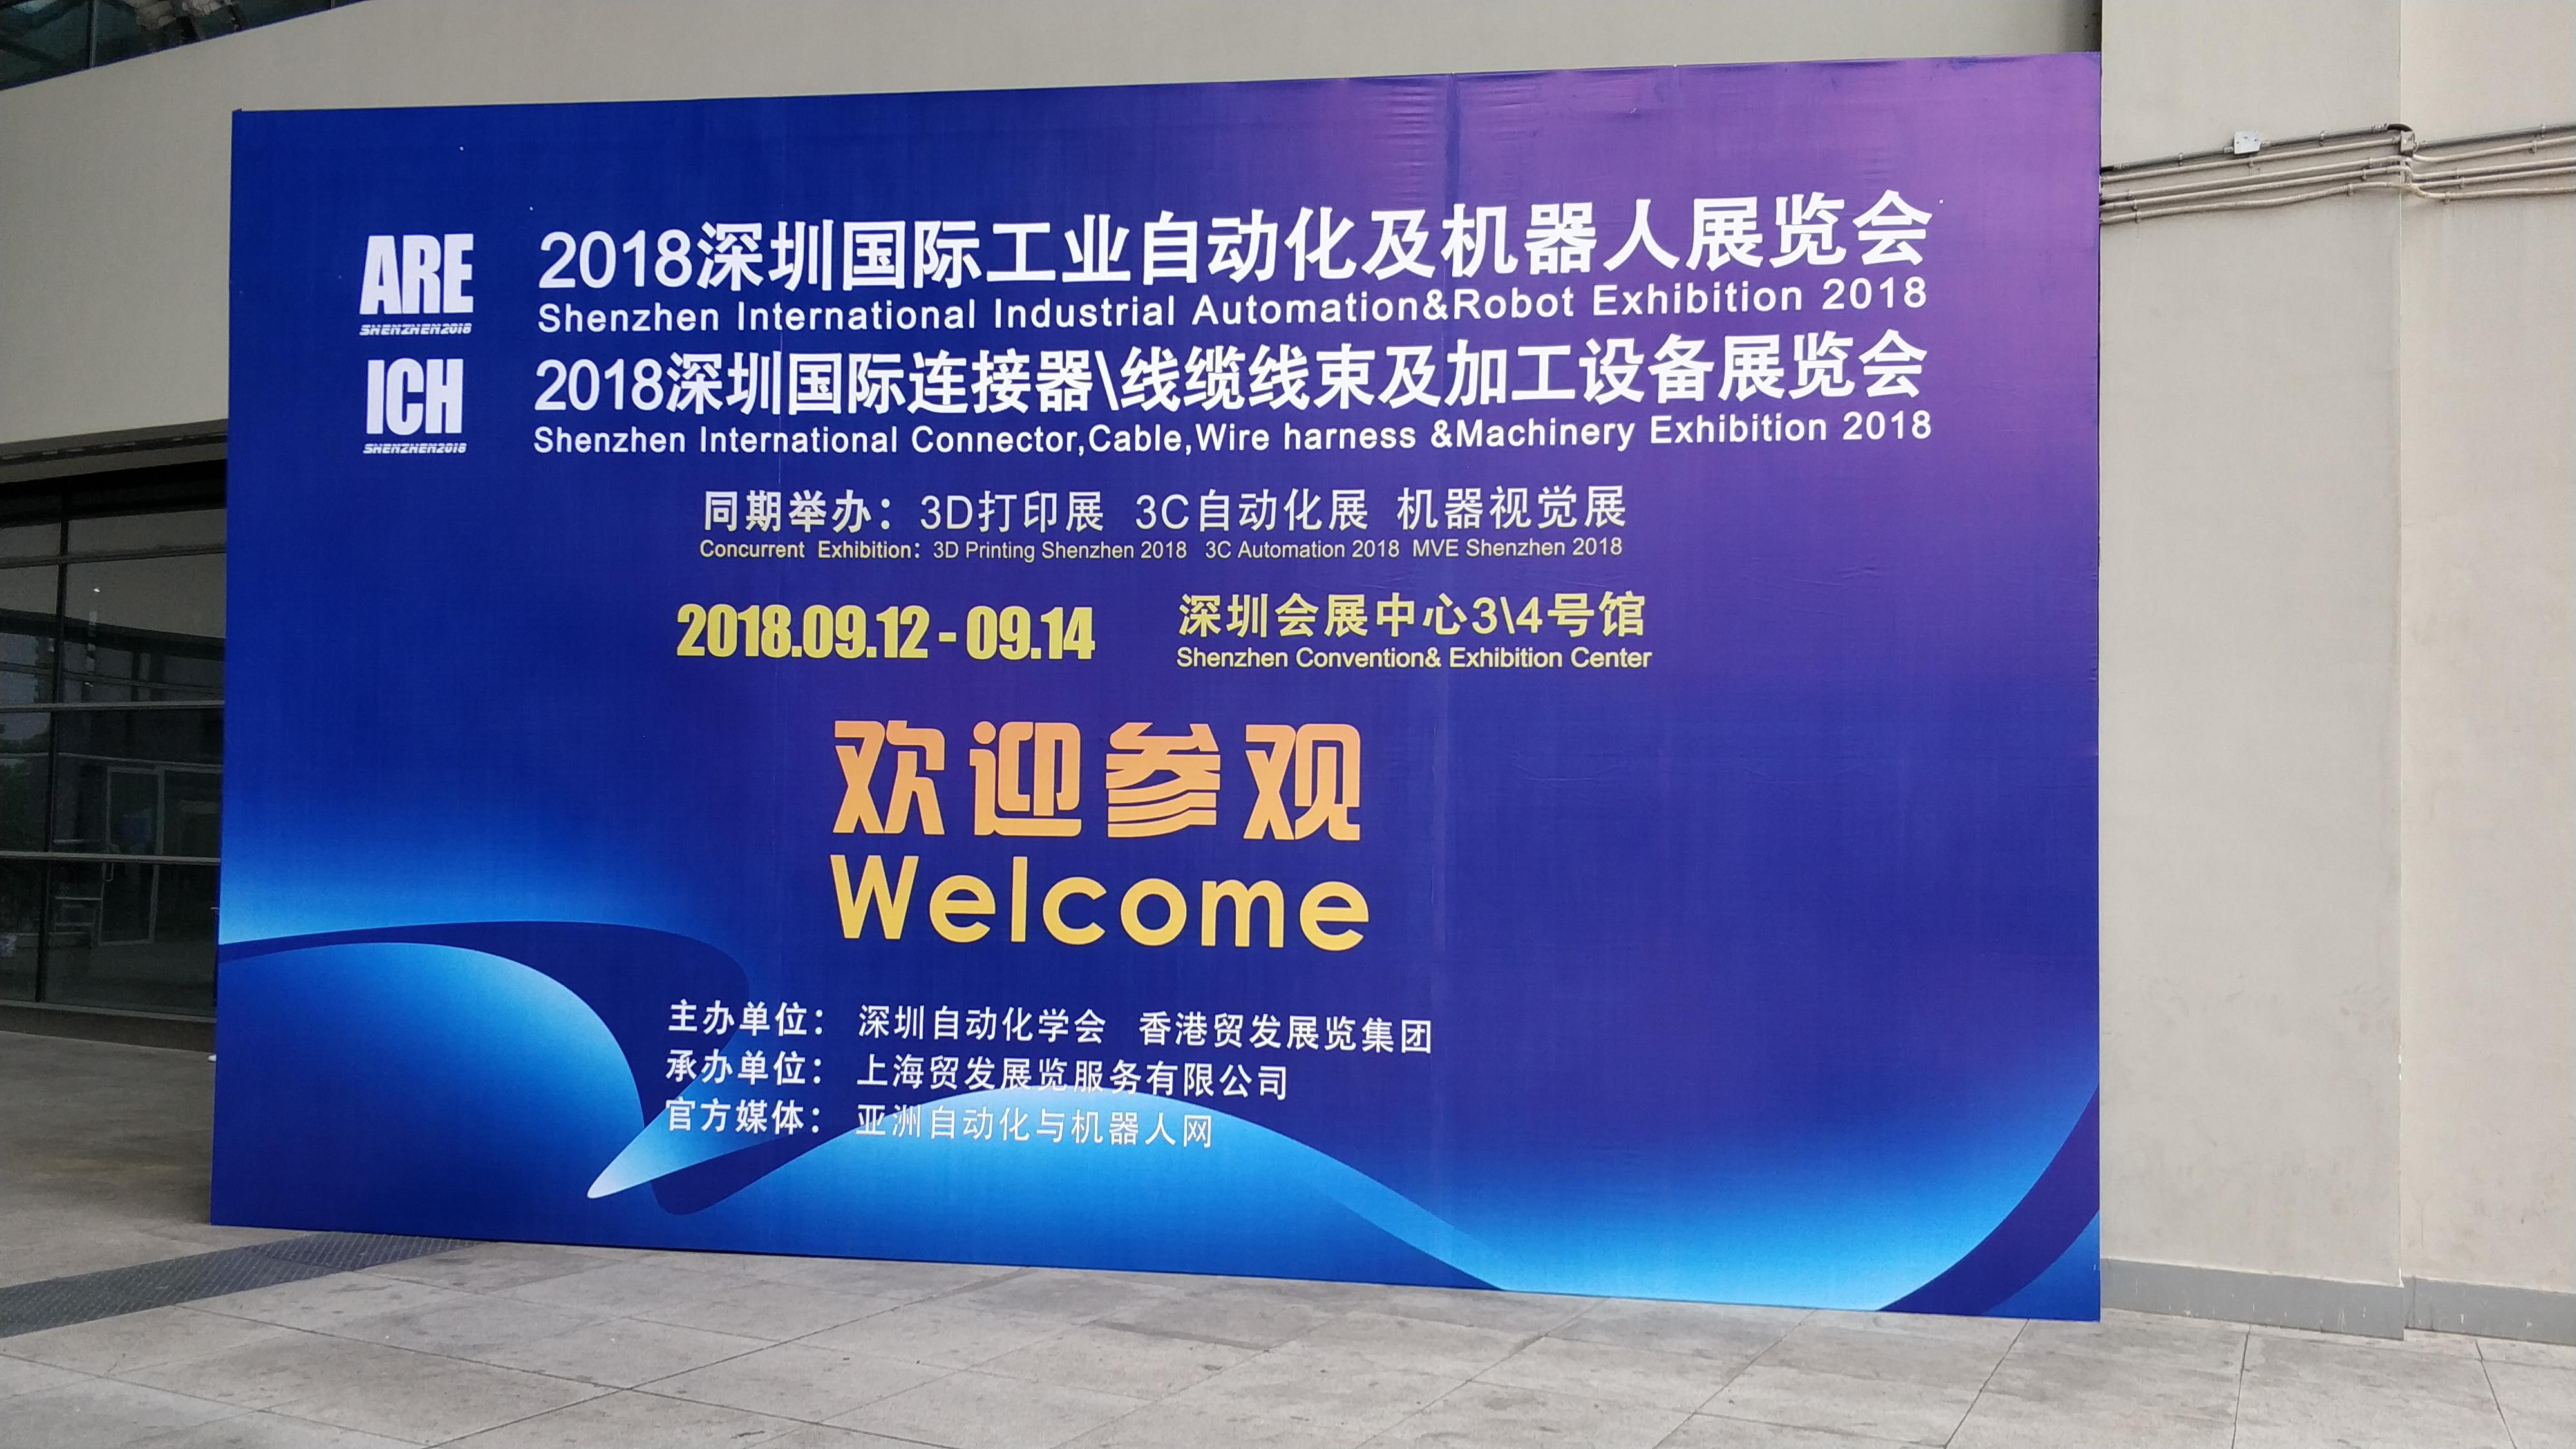 ICH Shenzhen 2018